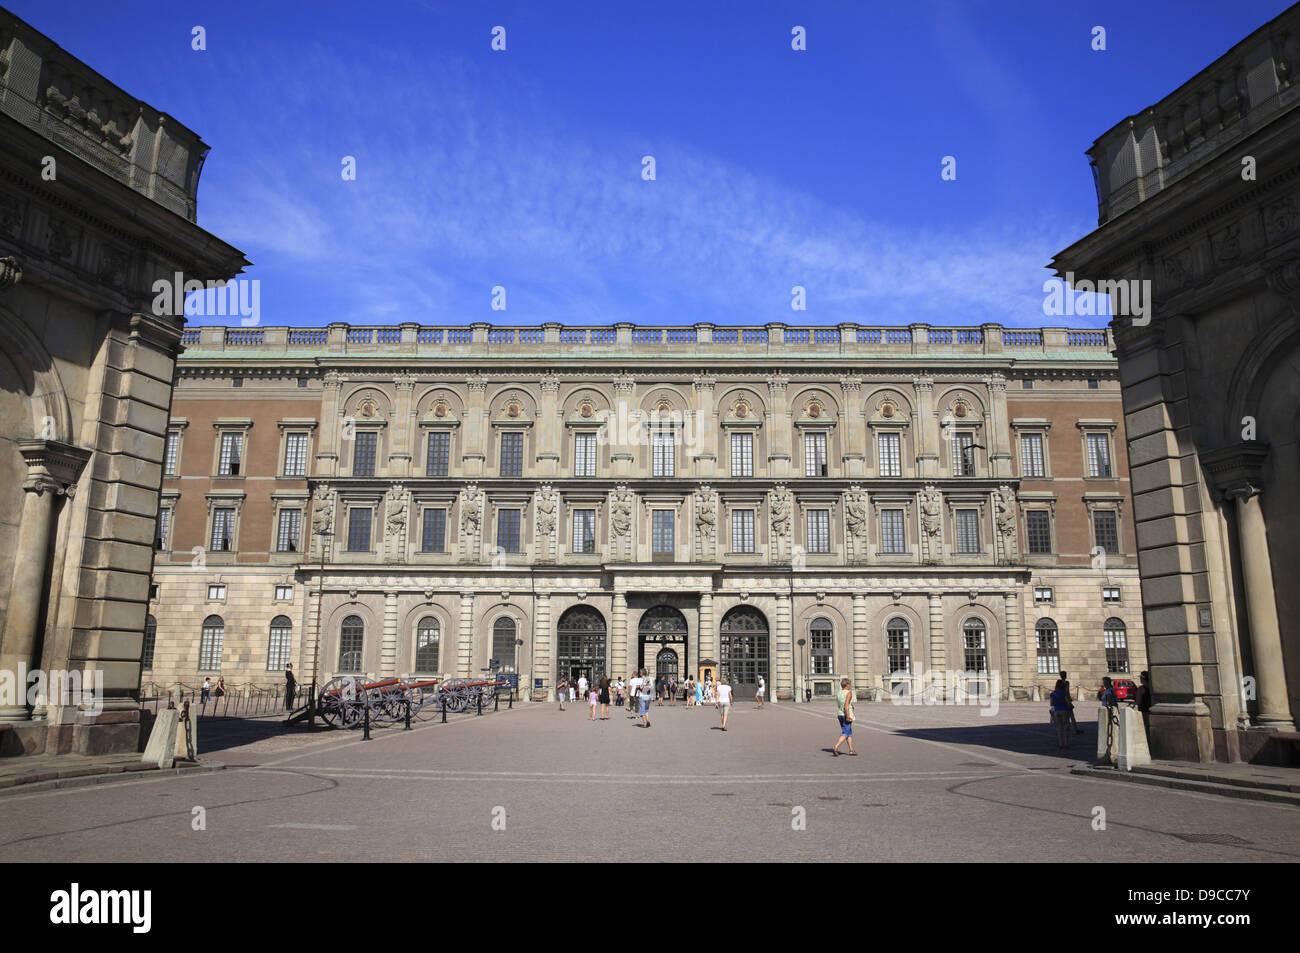 Gamla Stan, palais royal de Stockholm, Suède, Scandinavie Banque D'Images